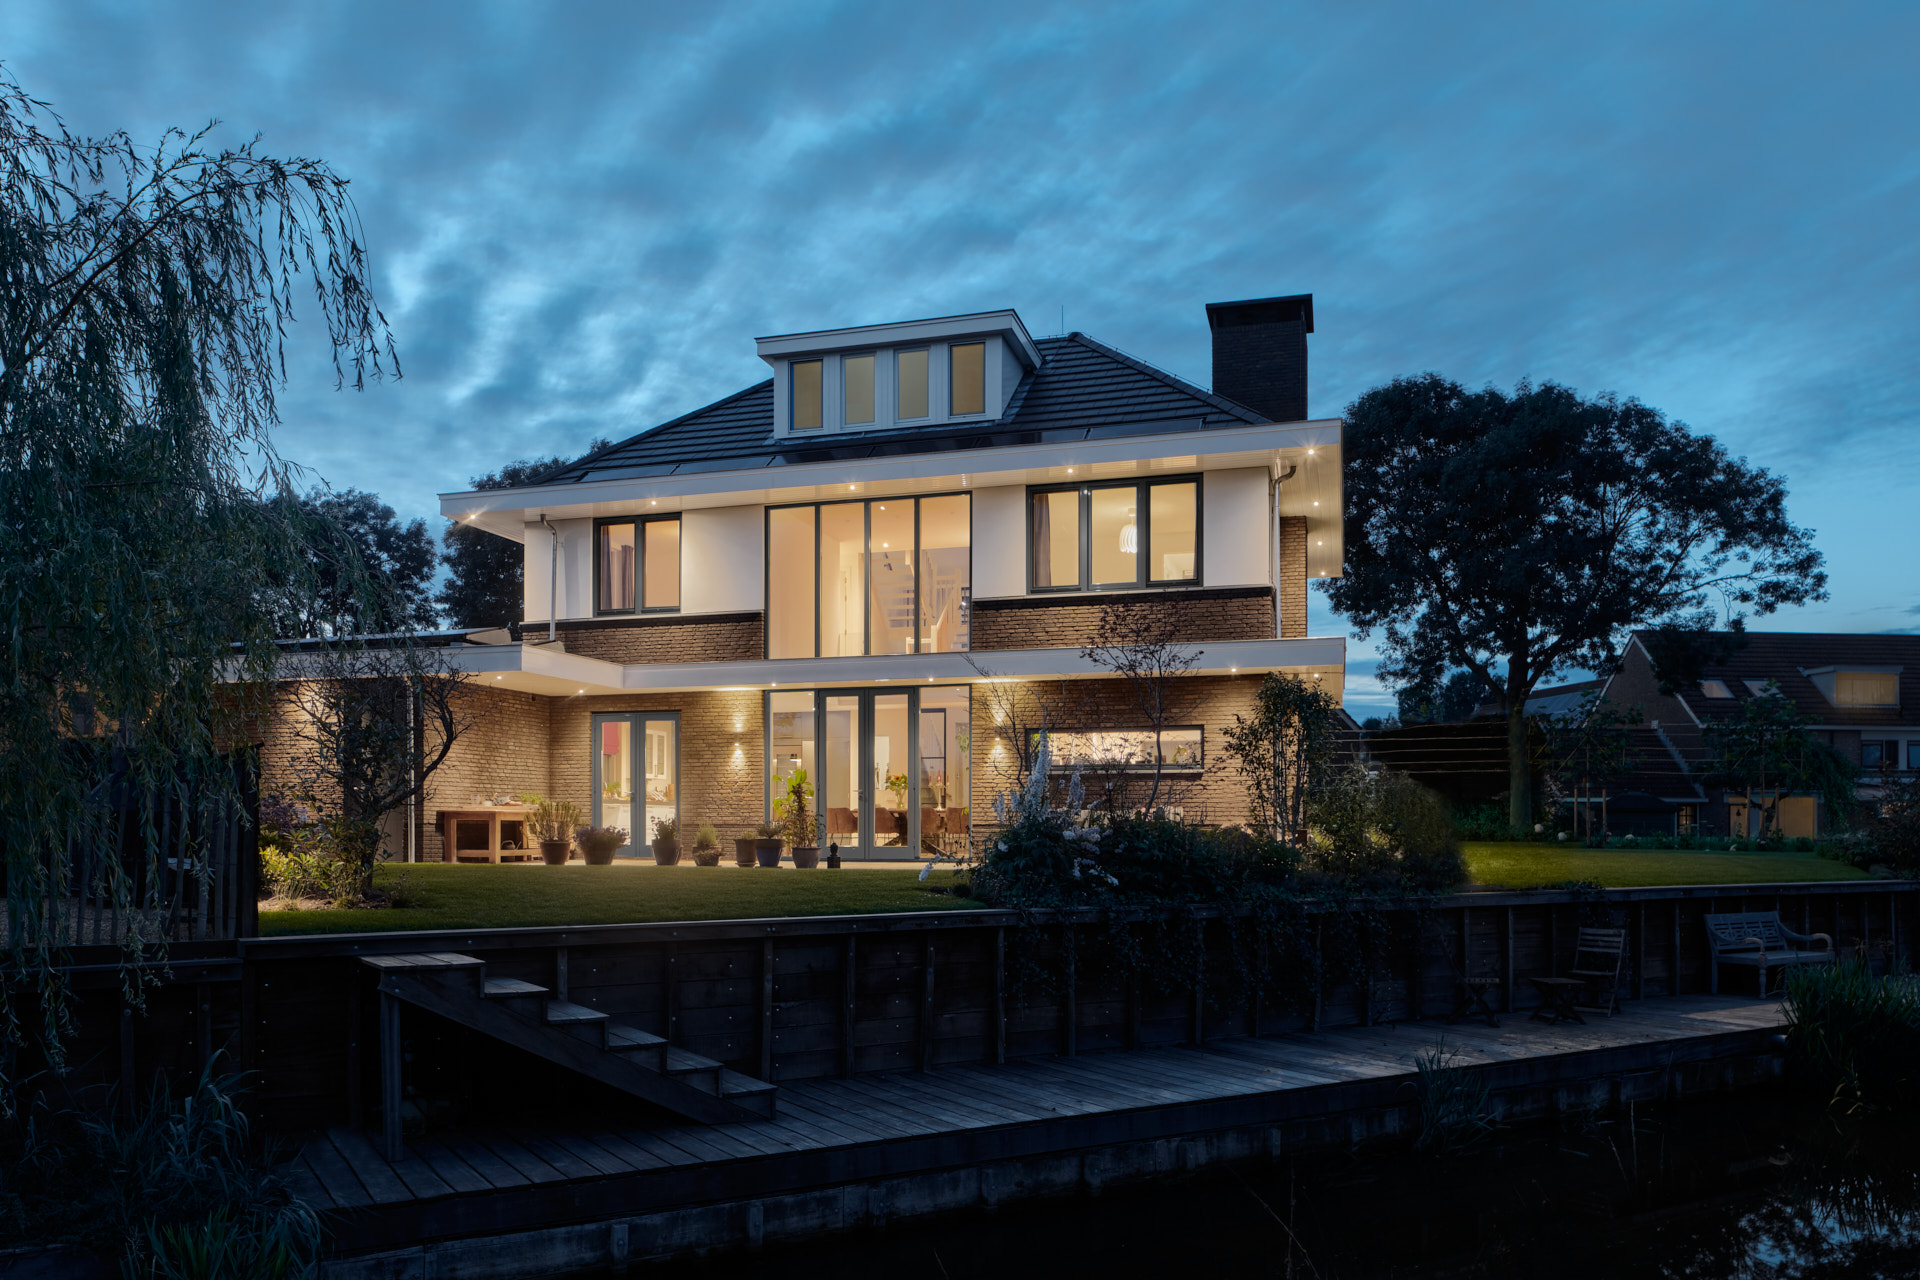 Moderne jaren 30 nieuwbouw woning in Vinkeveen door architect Maxim Winkelaar